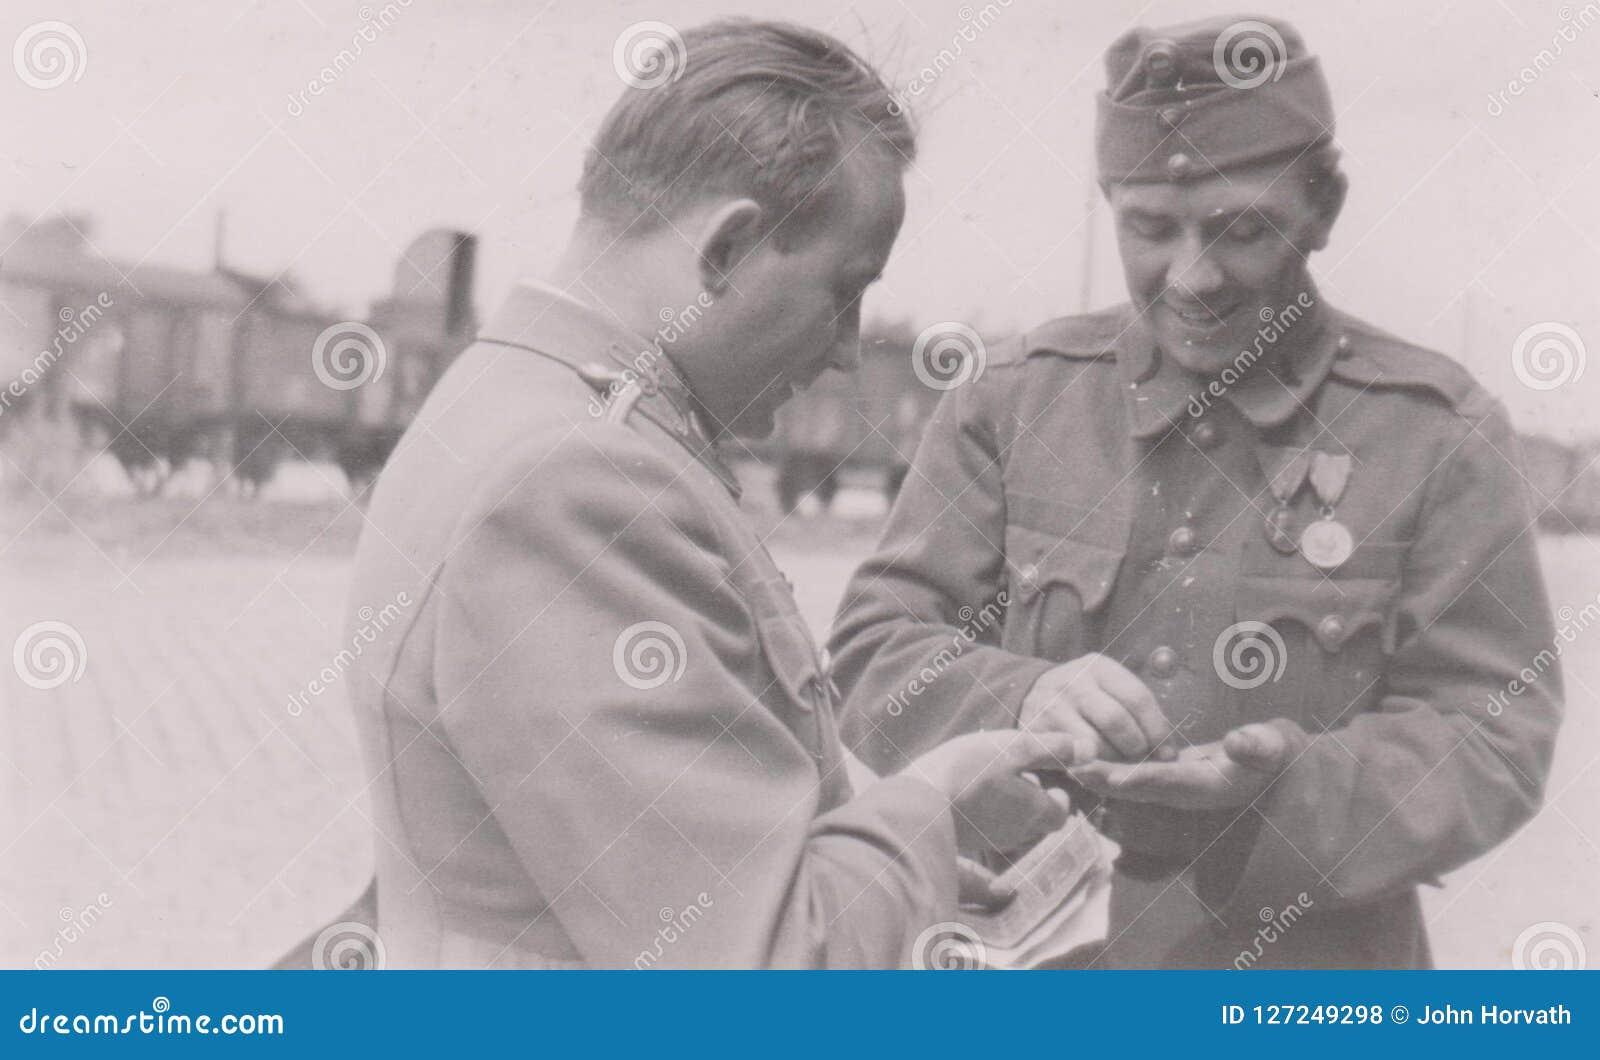 S00003火车站WWII军事照片匈牙利